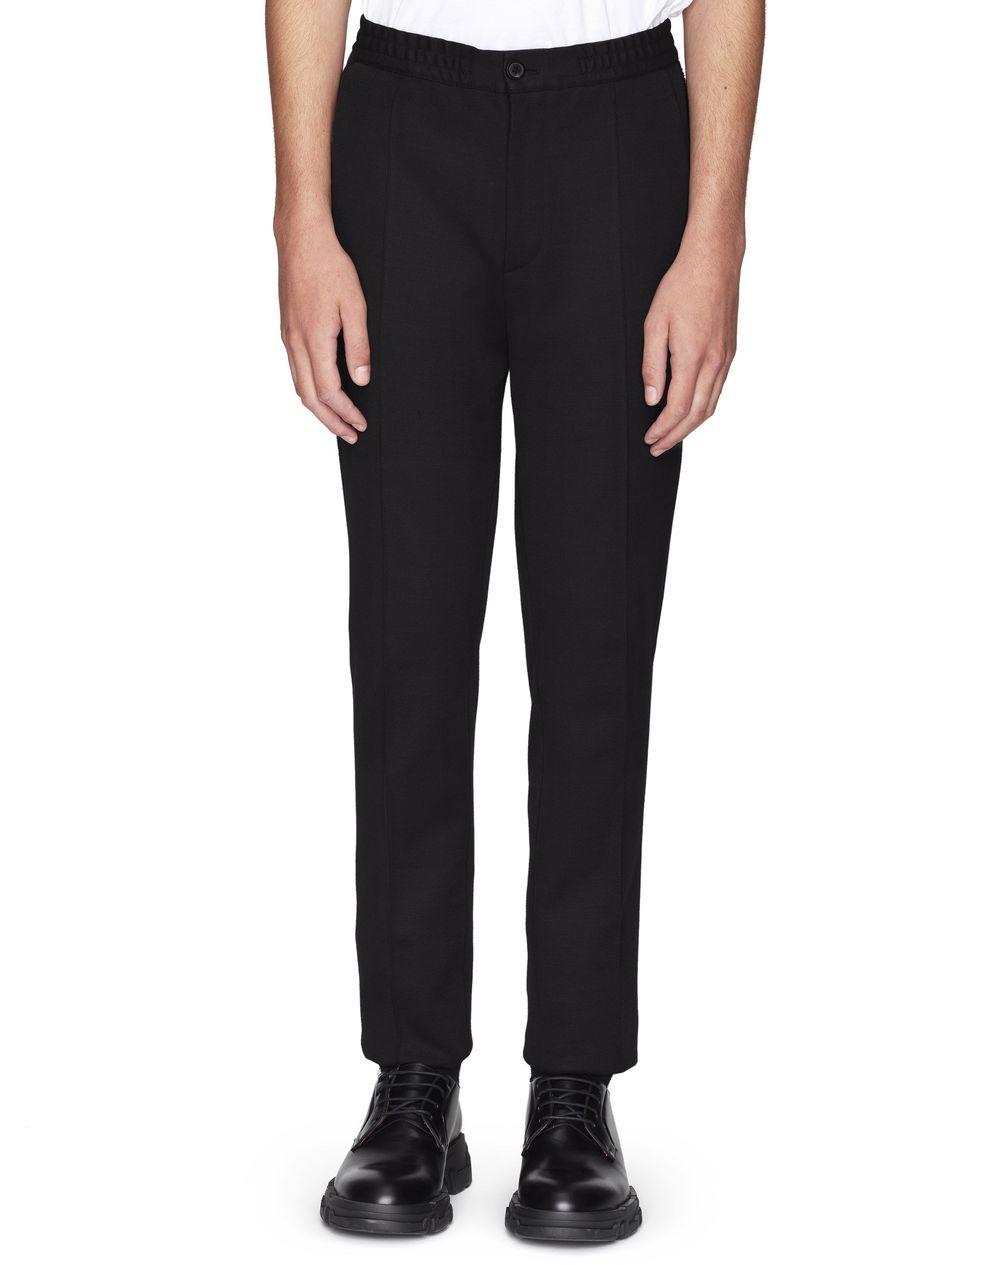 Pantalon droit Lanvin Prix €550